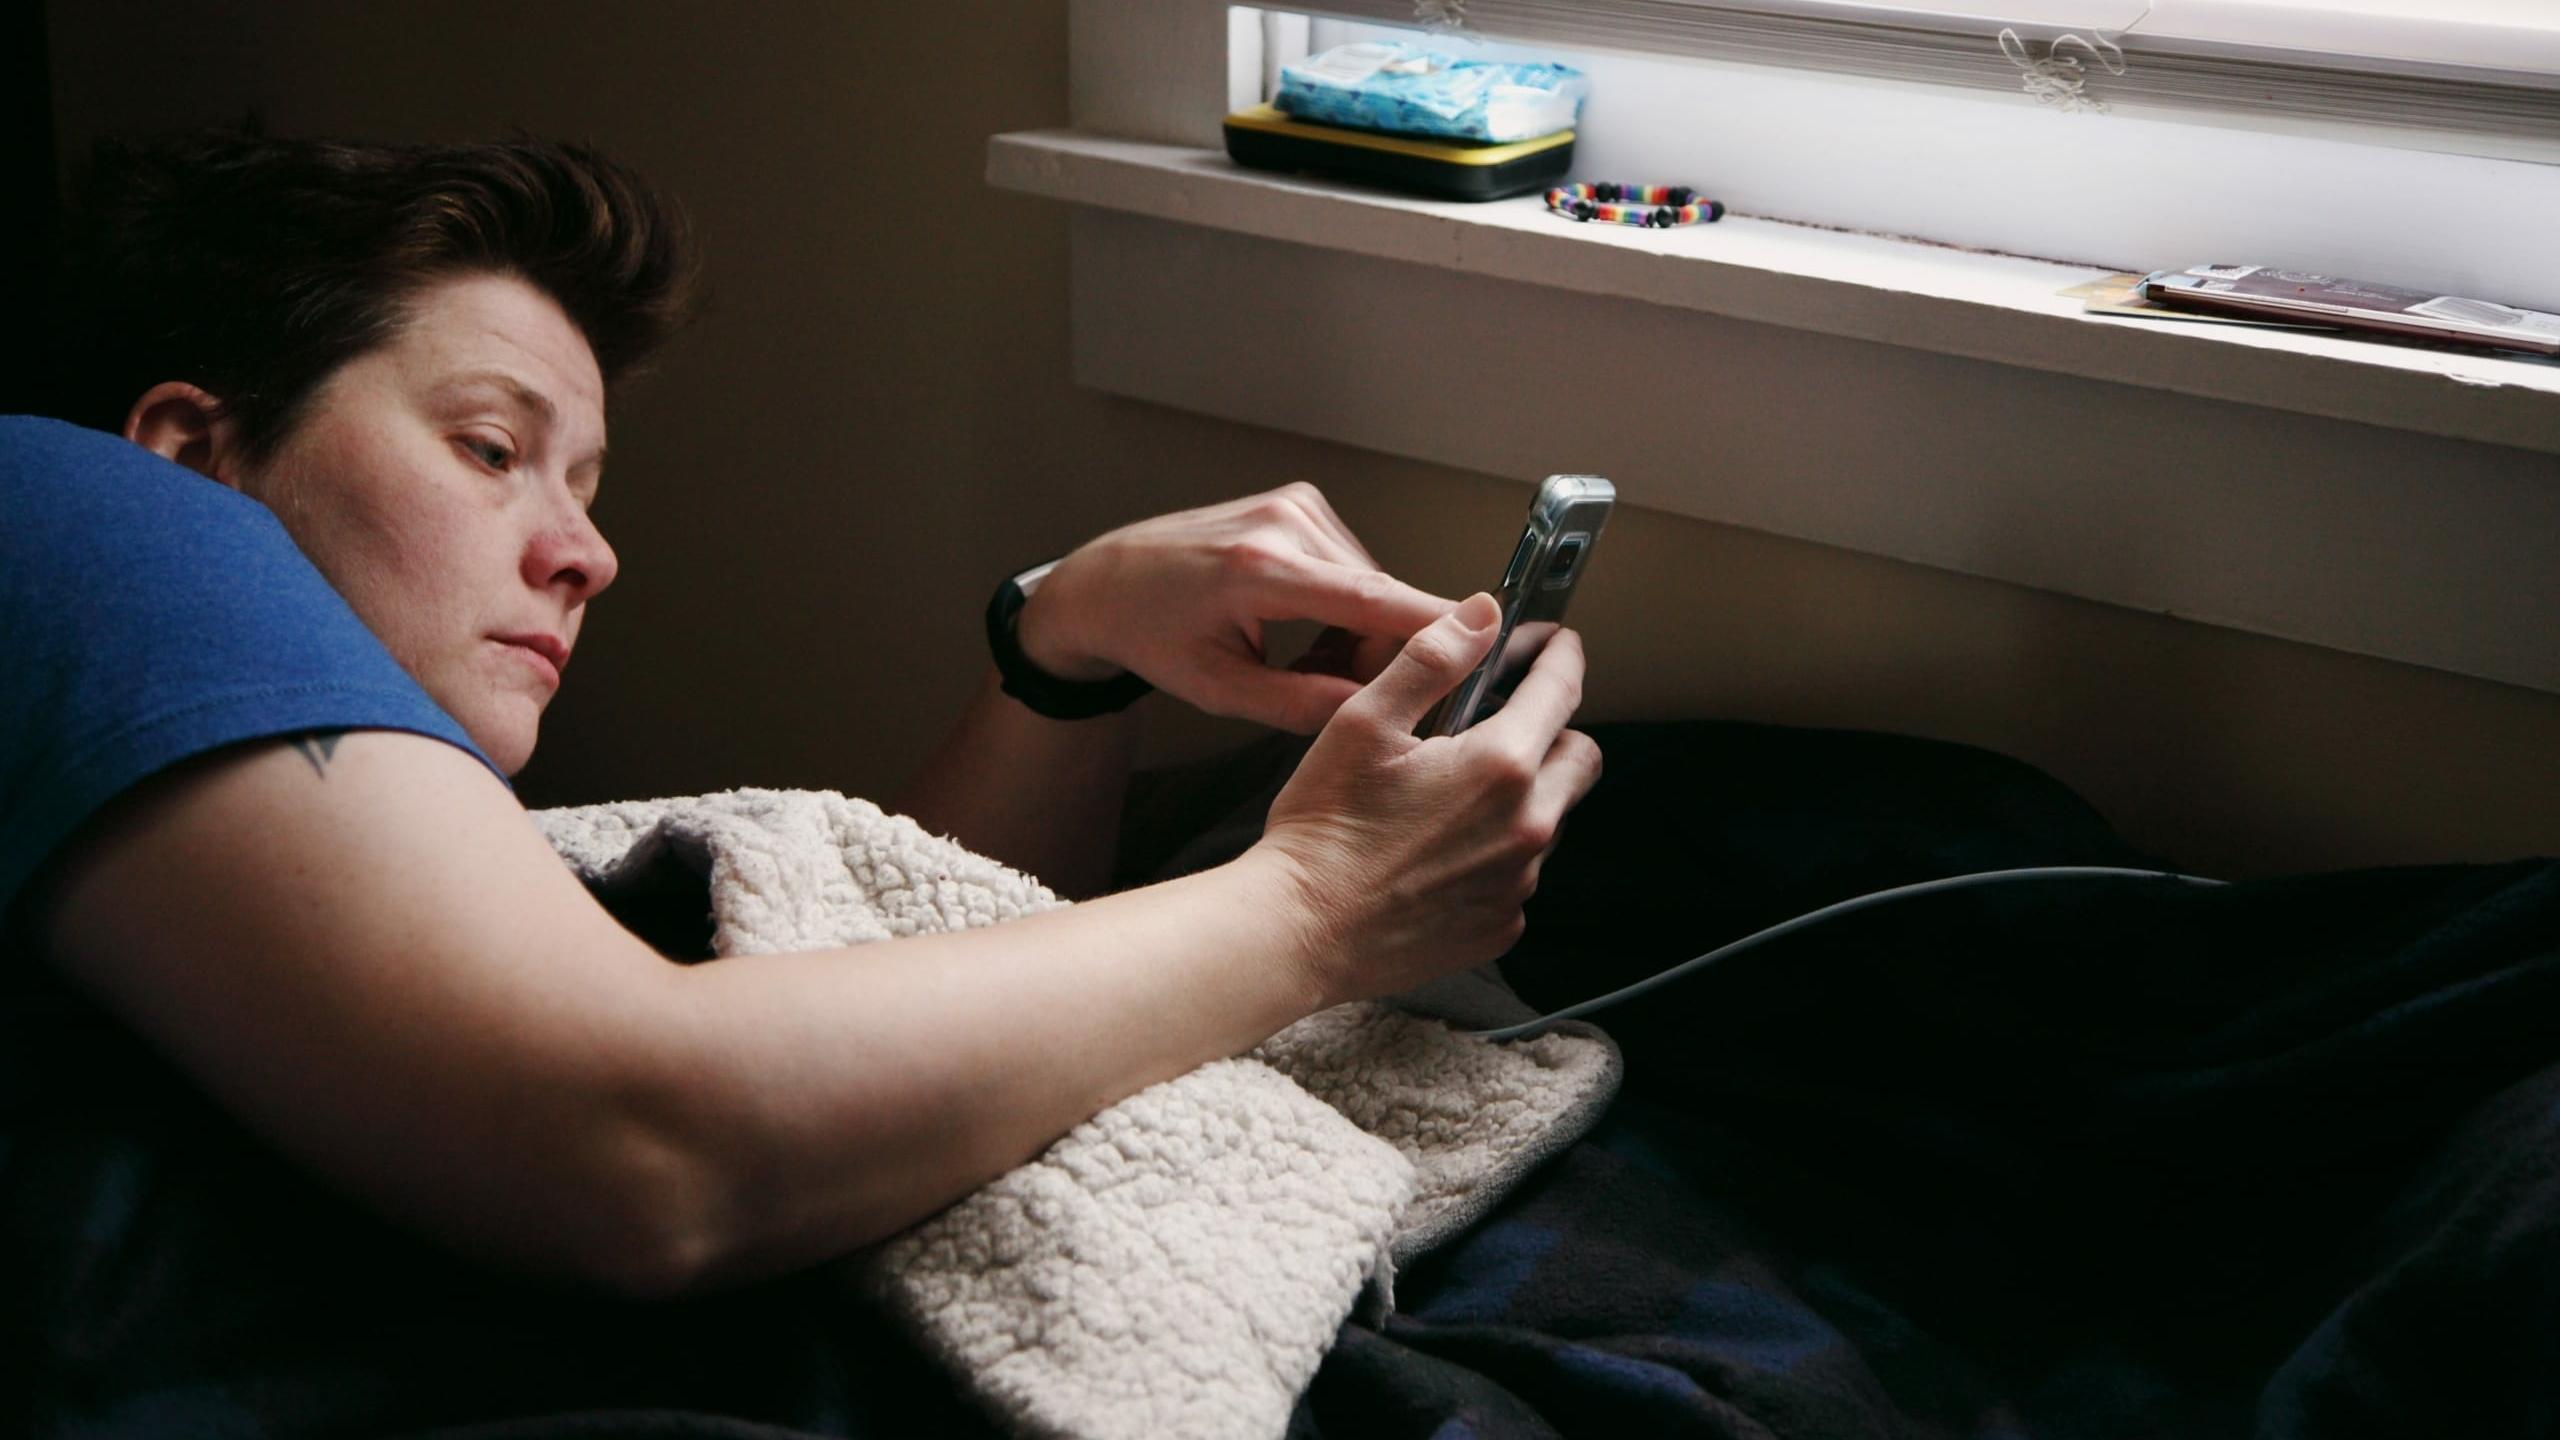 Vrouw checkt haar gsm